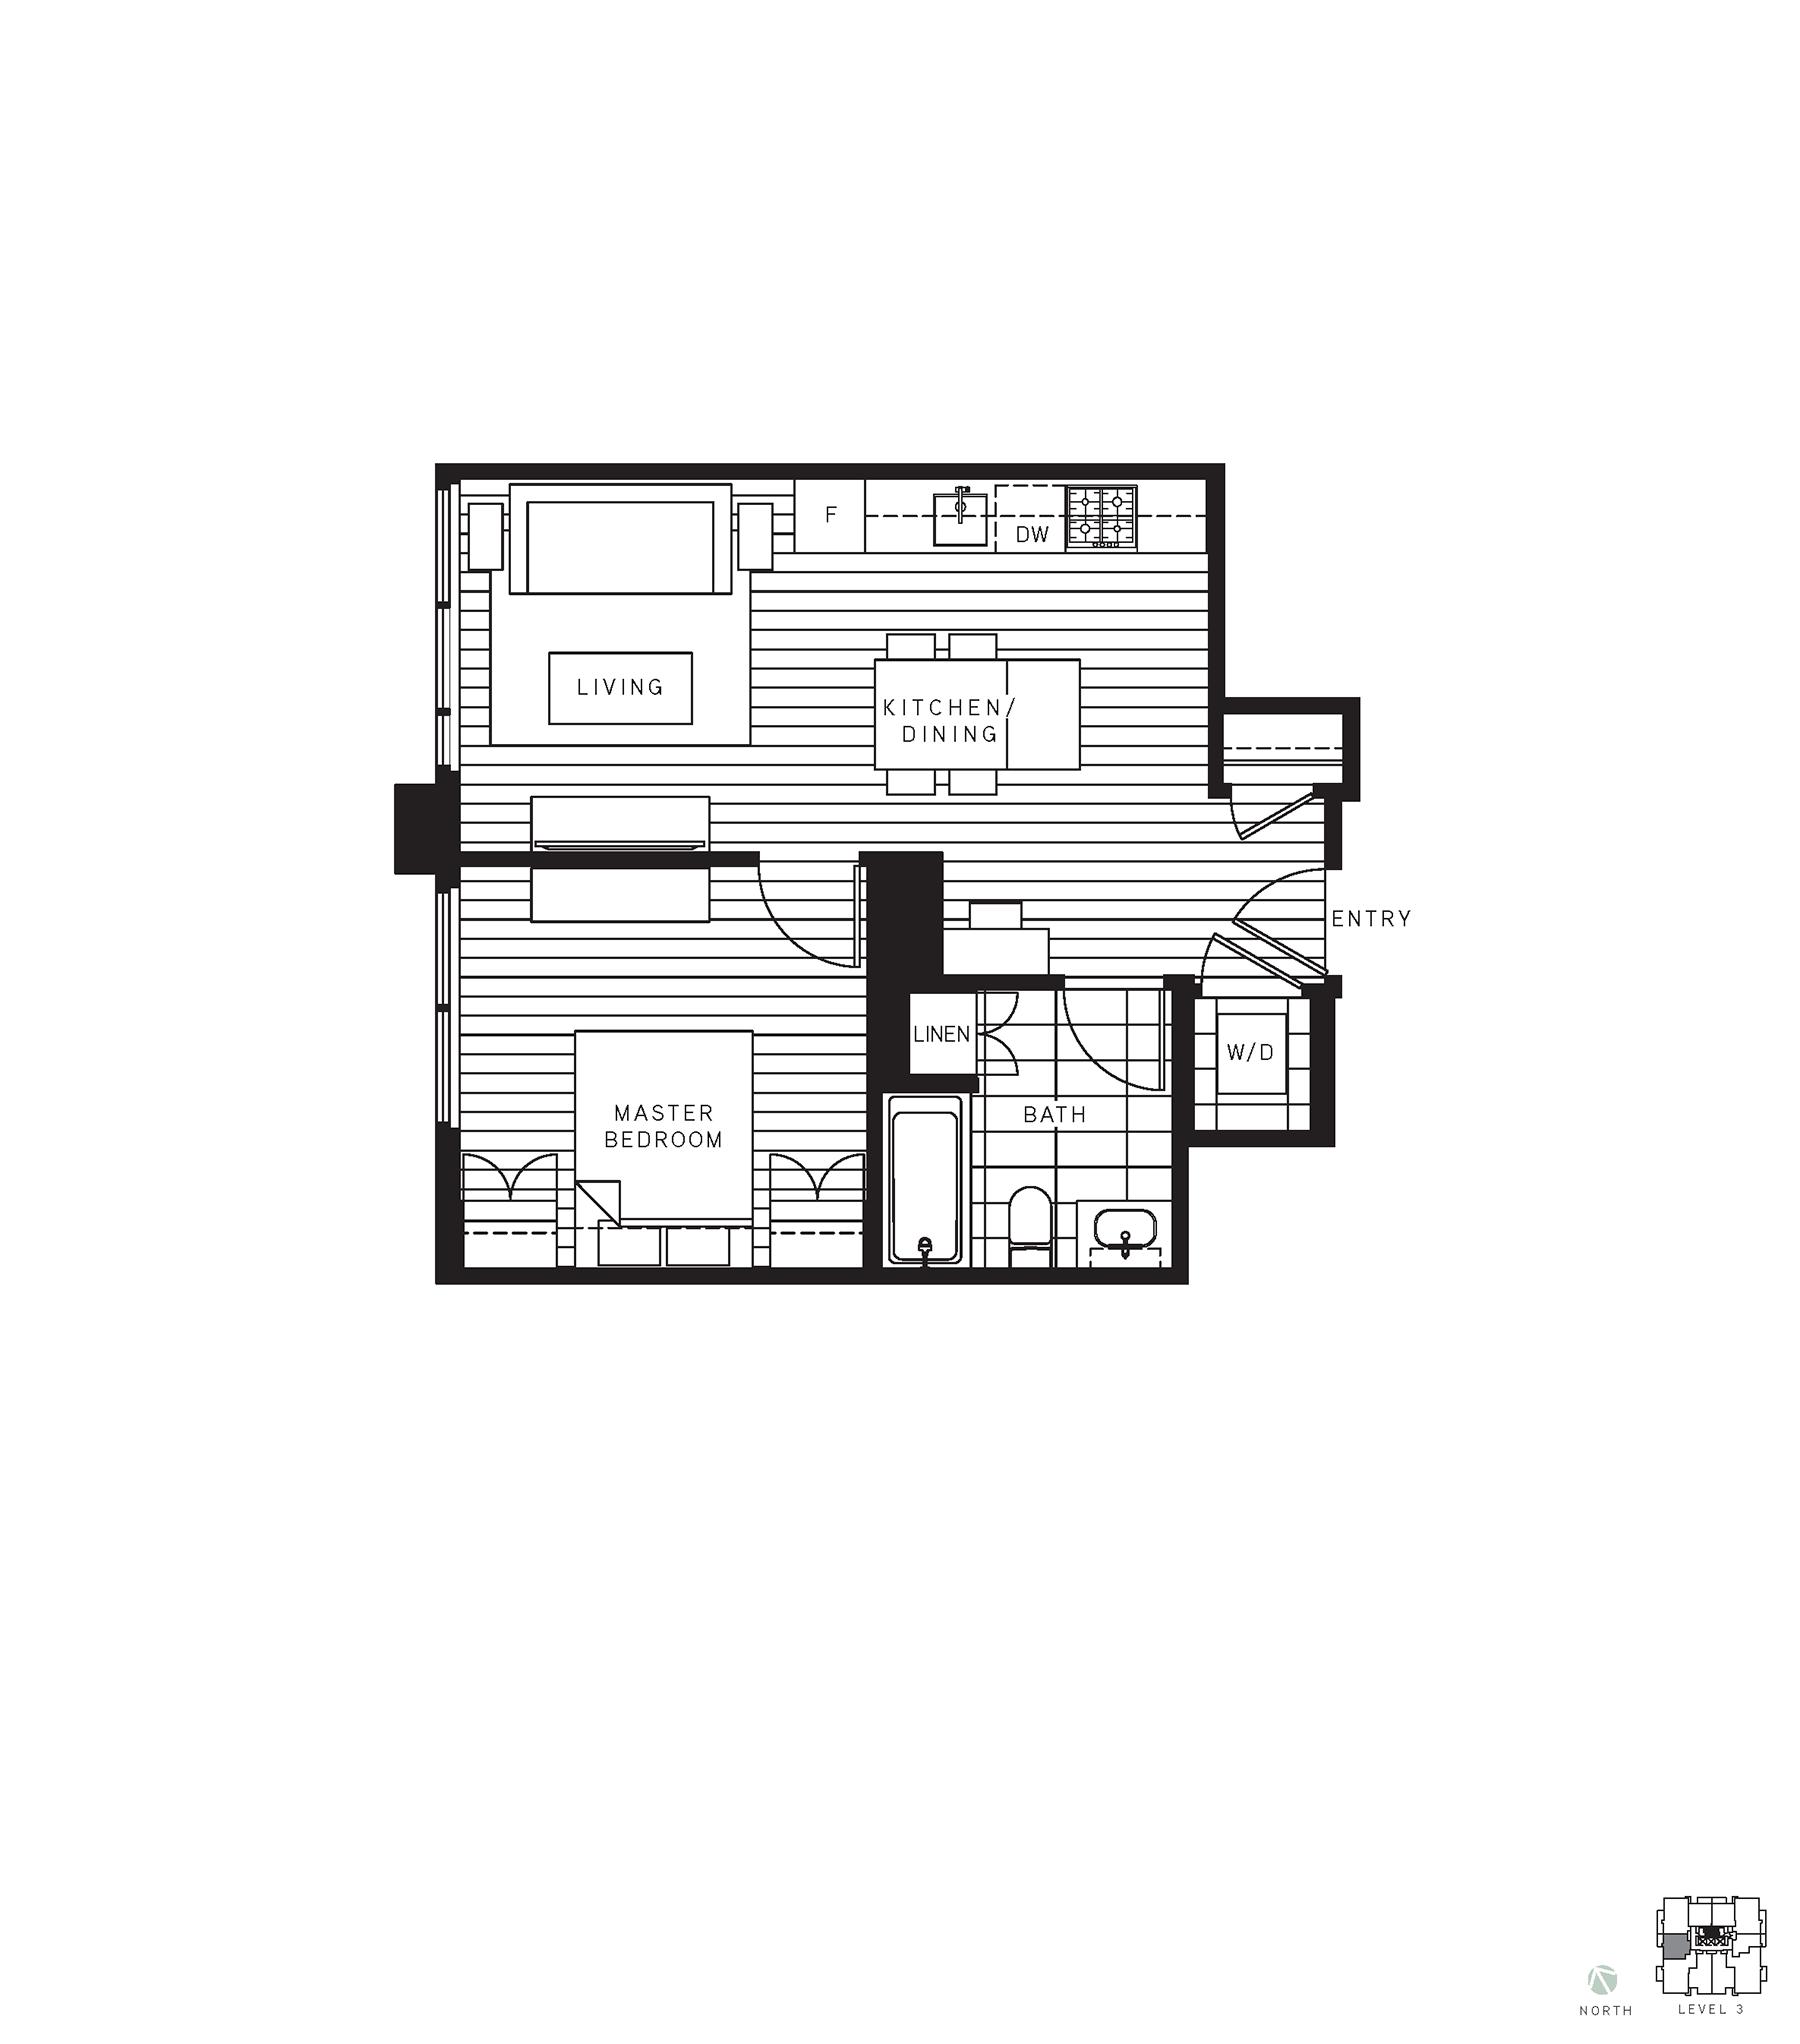 Maywood Floorplan C1